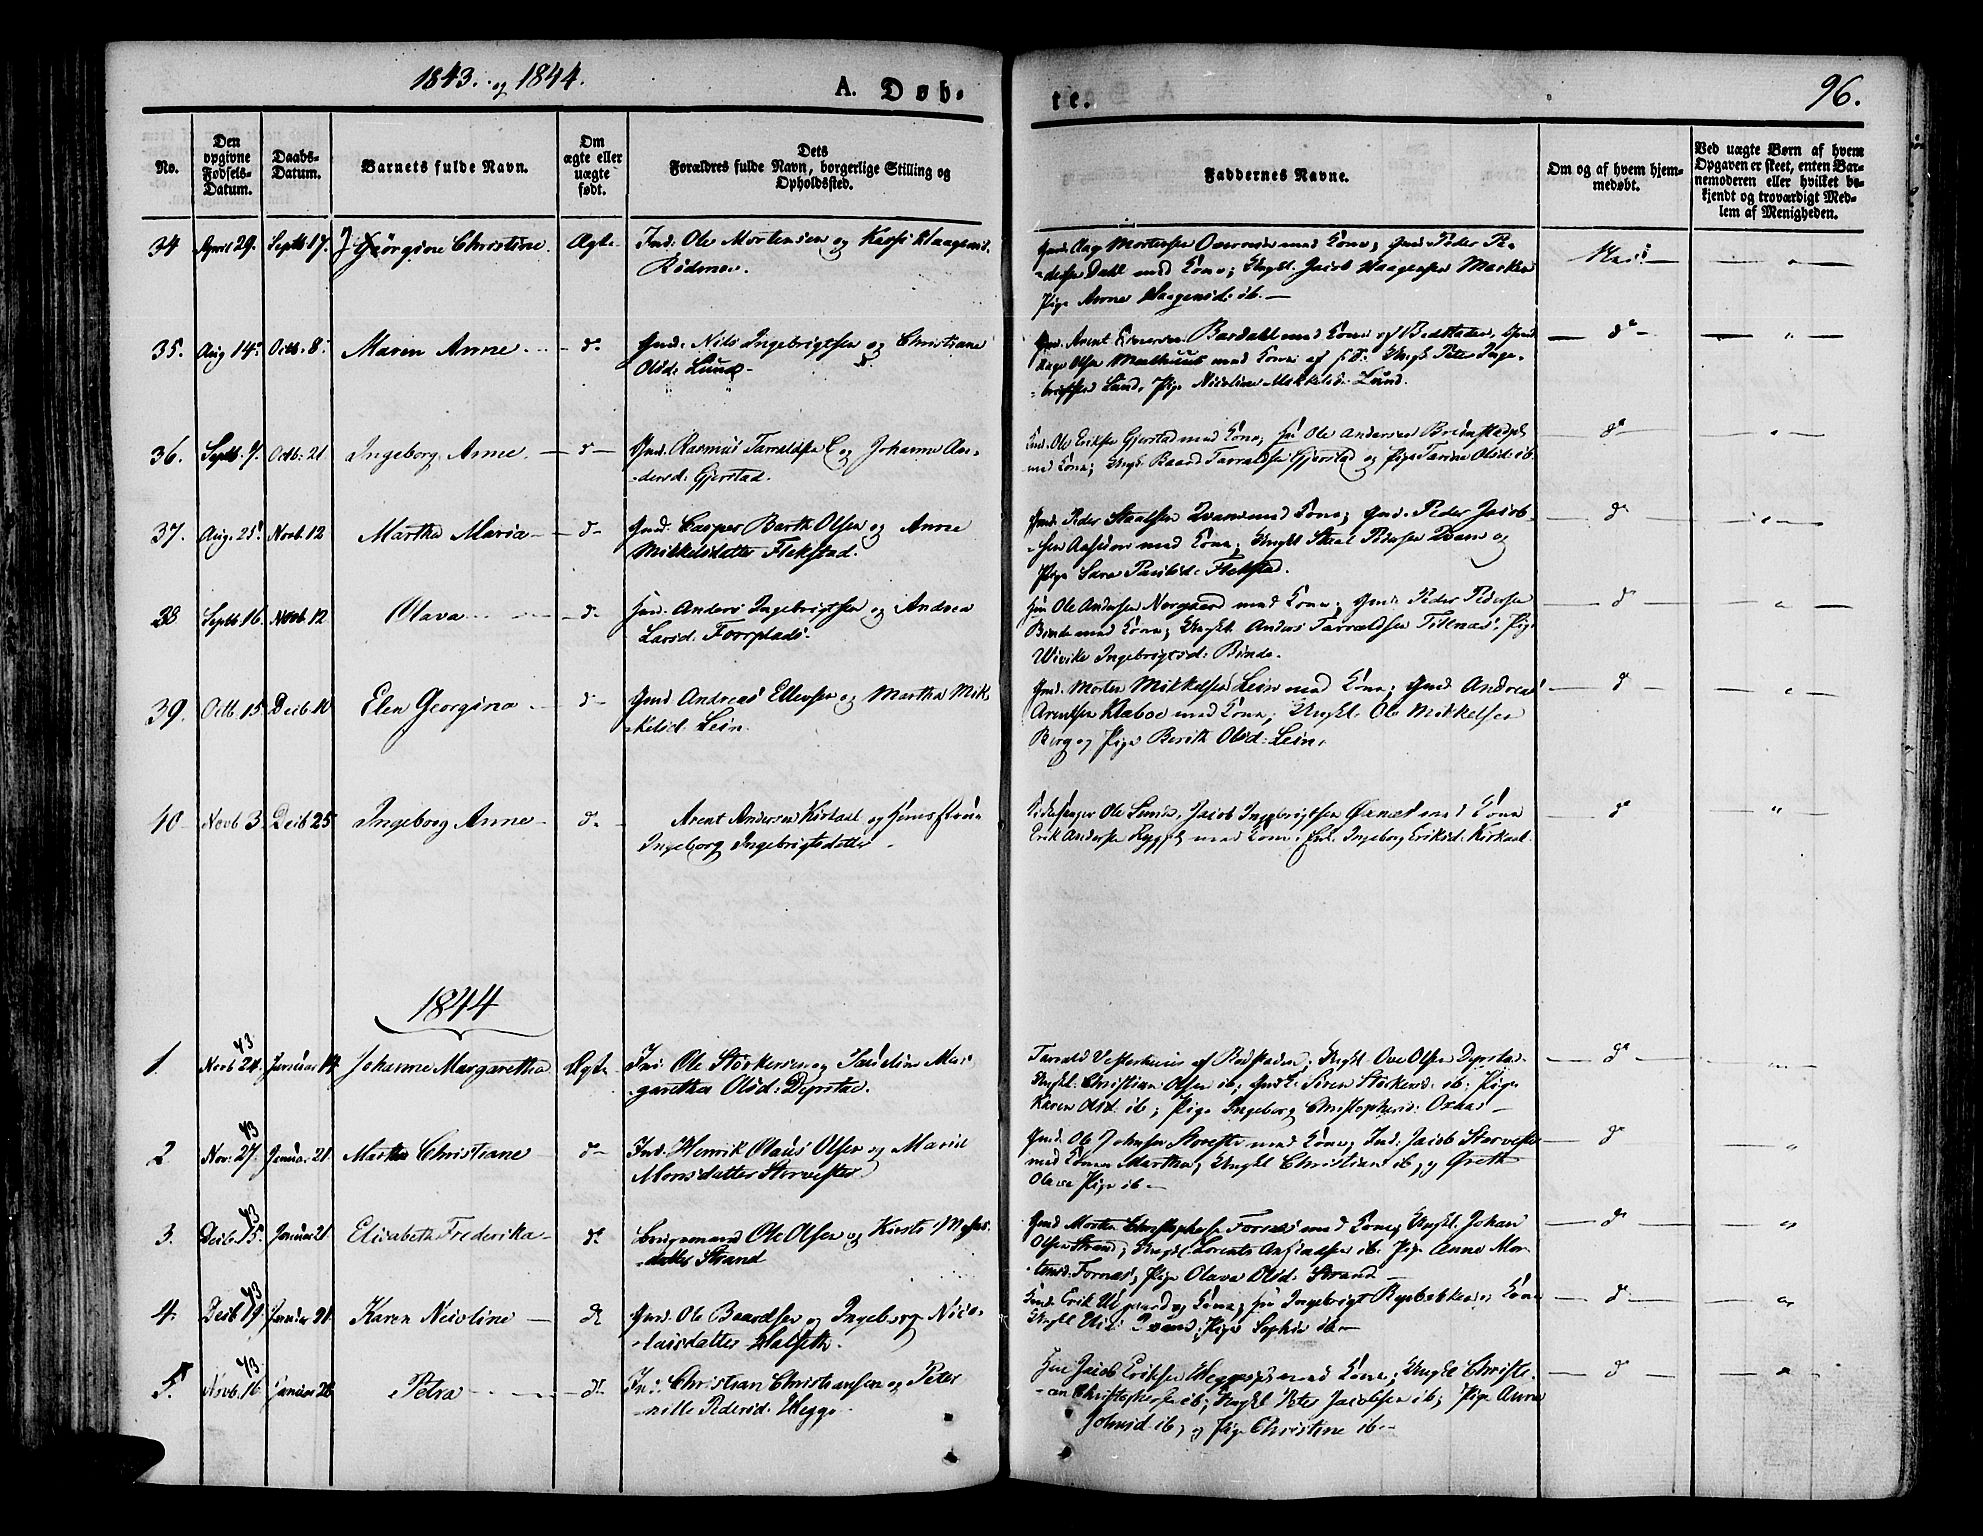 SAT, Ministerialprotokoller, klokkerbøker og fødselsregistre - Nord-Trøndelag, 746/L0445: Ministerialbok nr. 746A04, 1826-1846, s. 96